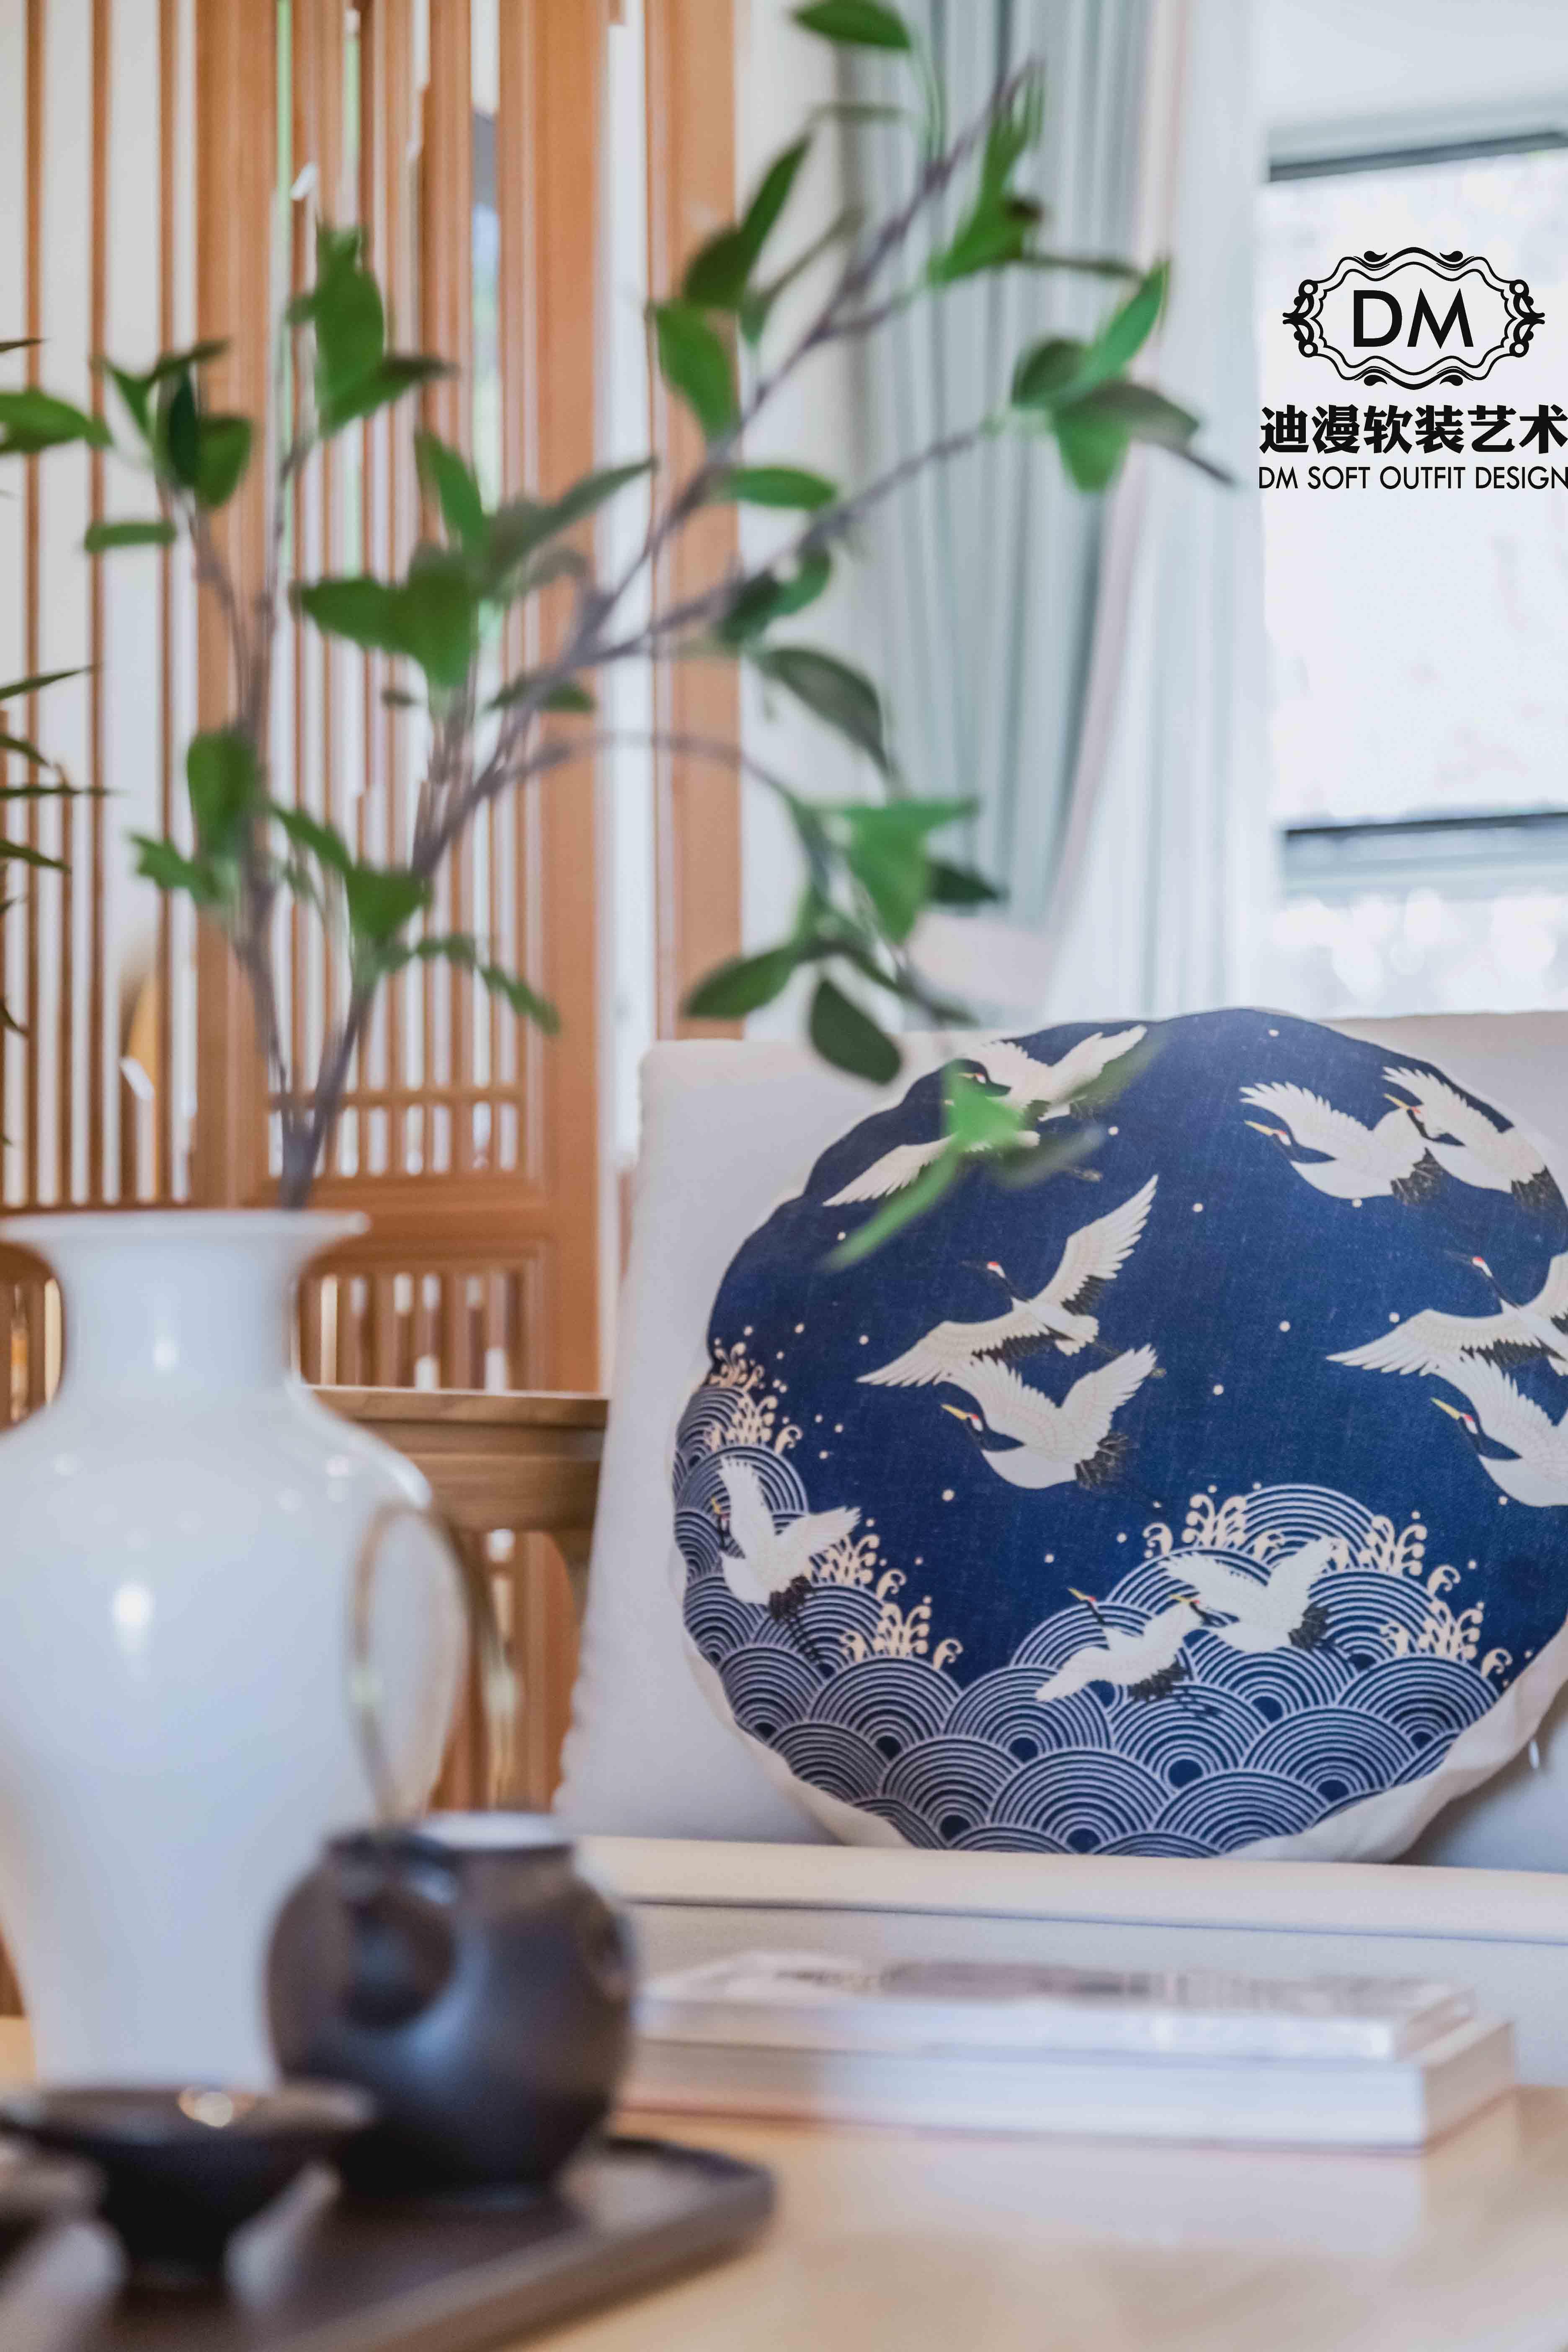 山東煙臺龍口翔海森林小鎮日式風格樣板房